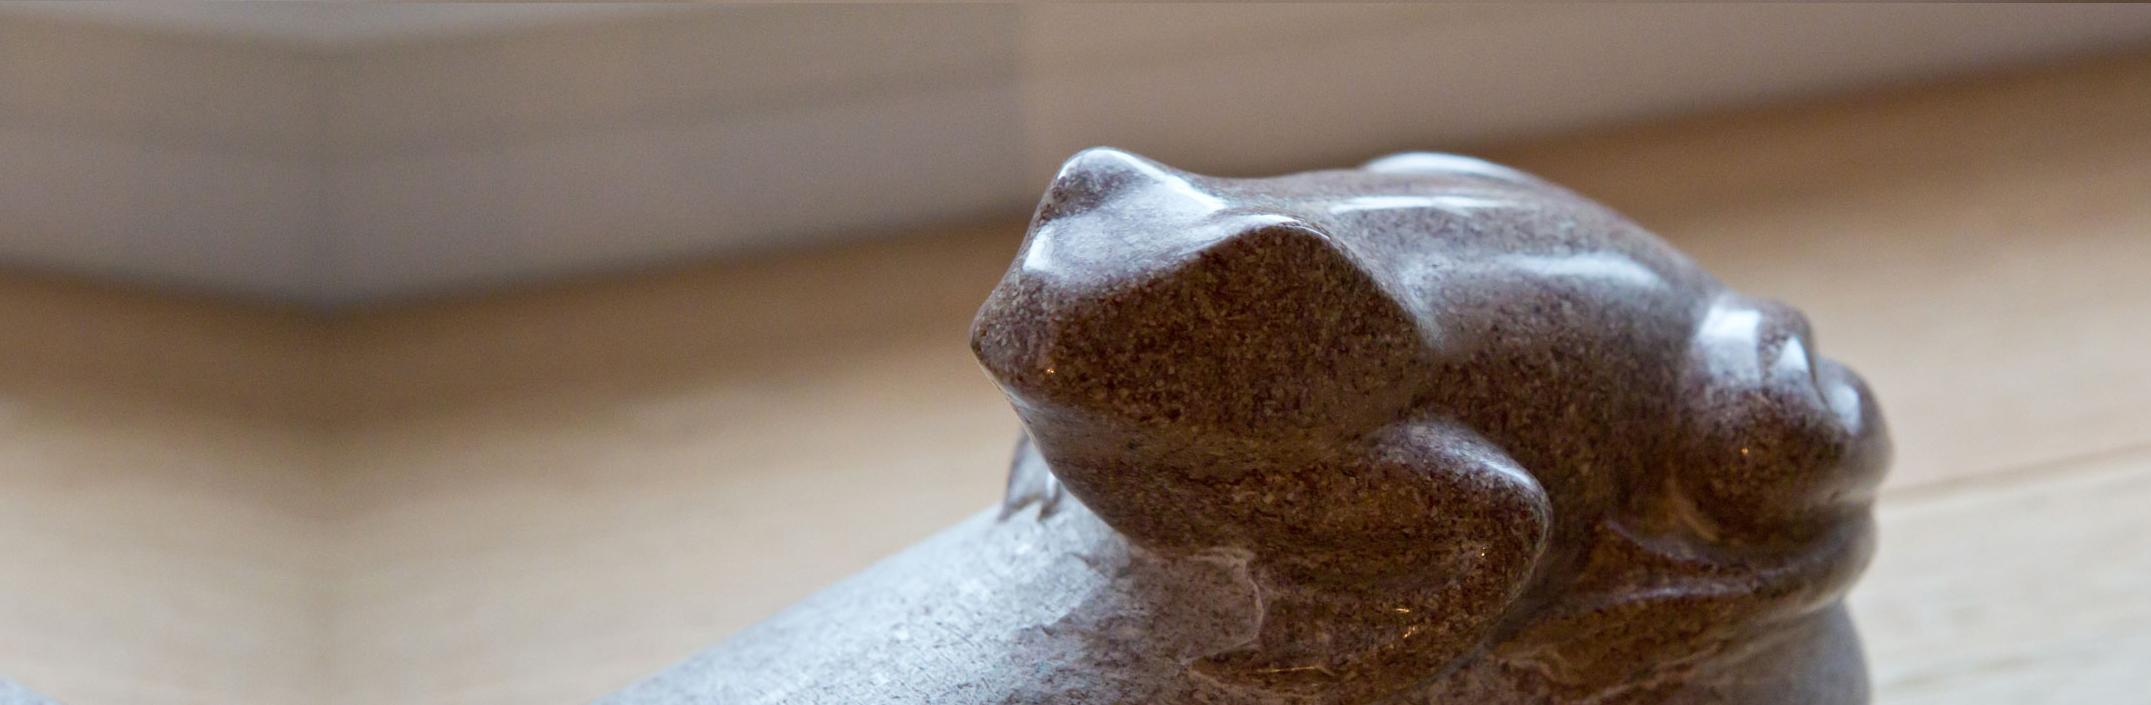 bourgogne sculpture didier ridet sculpteur sur pierre et marbre. Black Bedroom Furniture Sets. Home Design Ideas